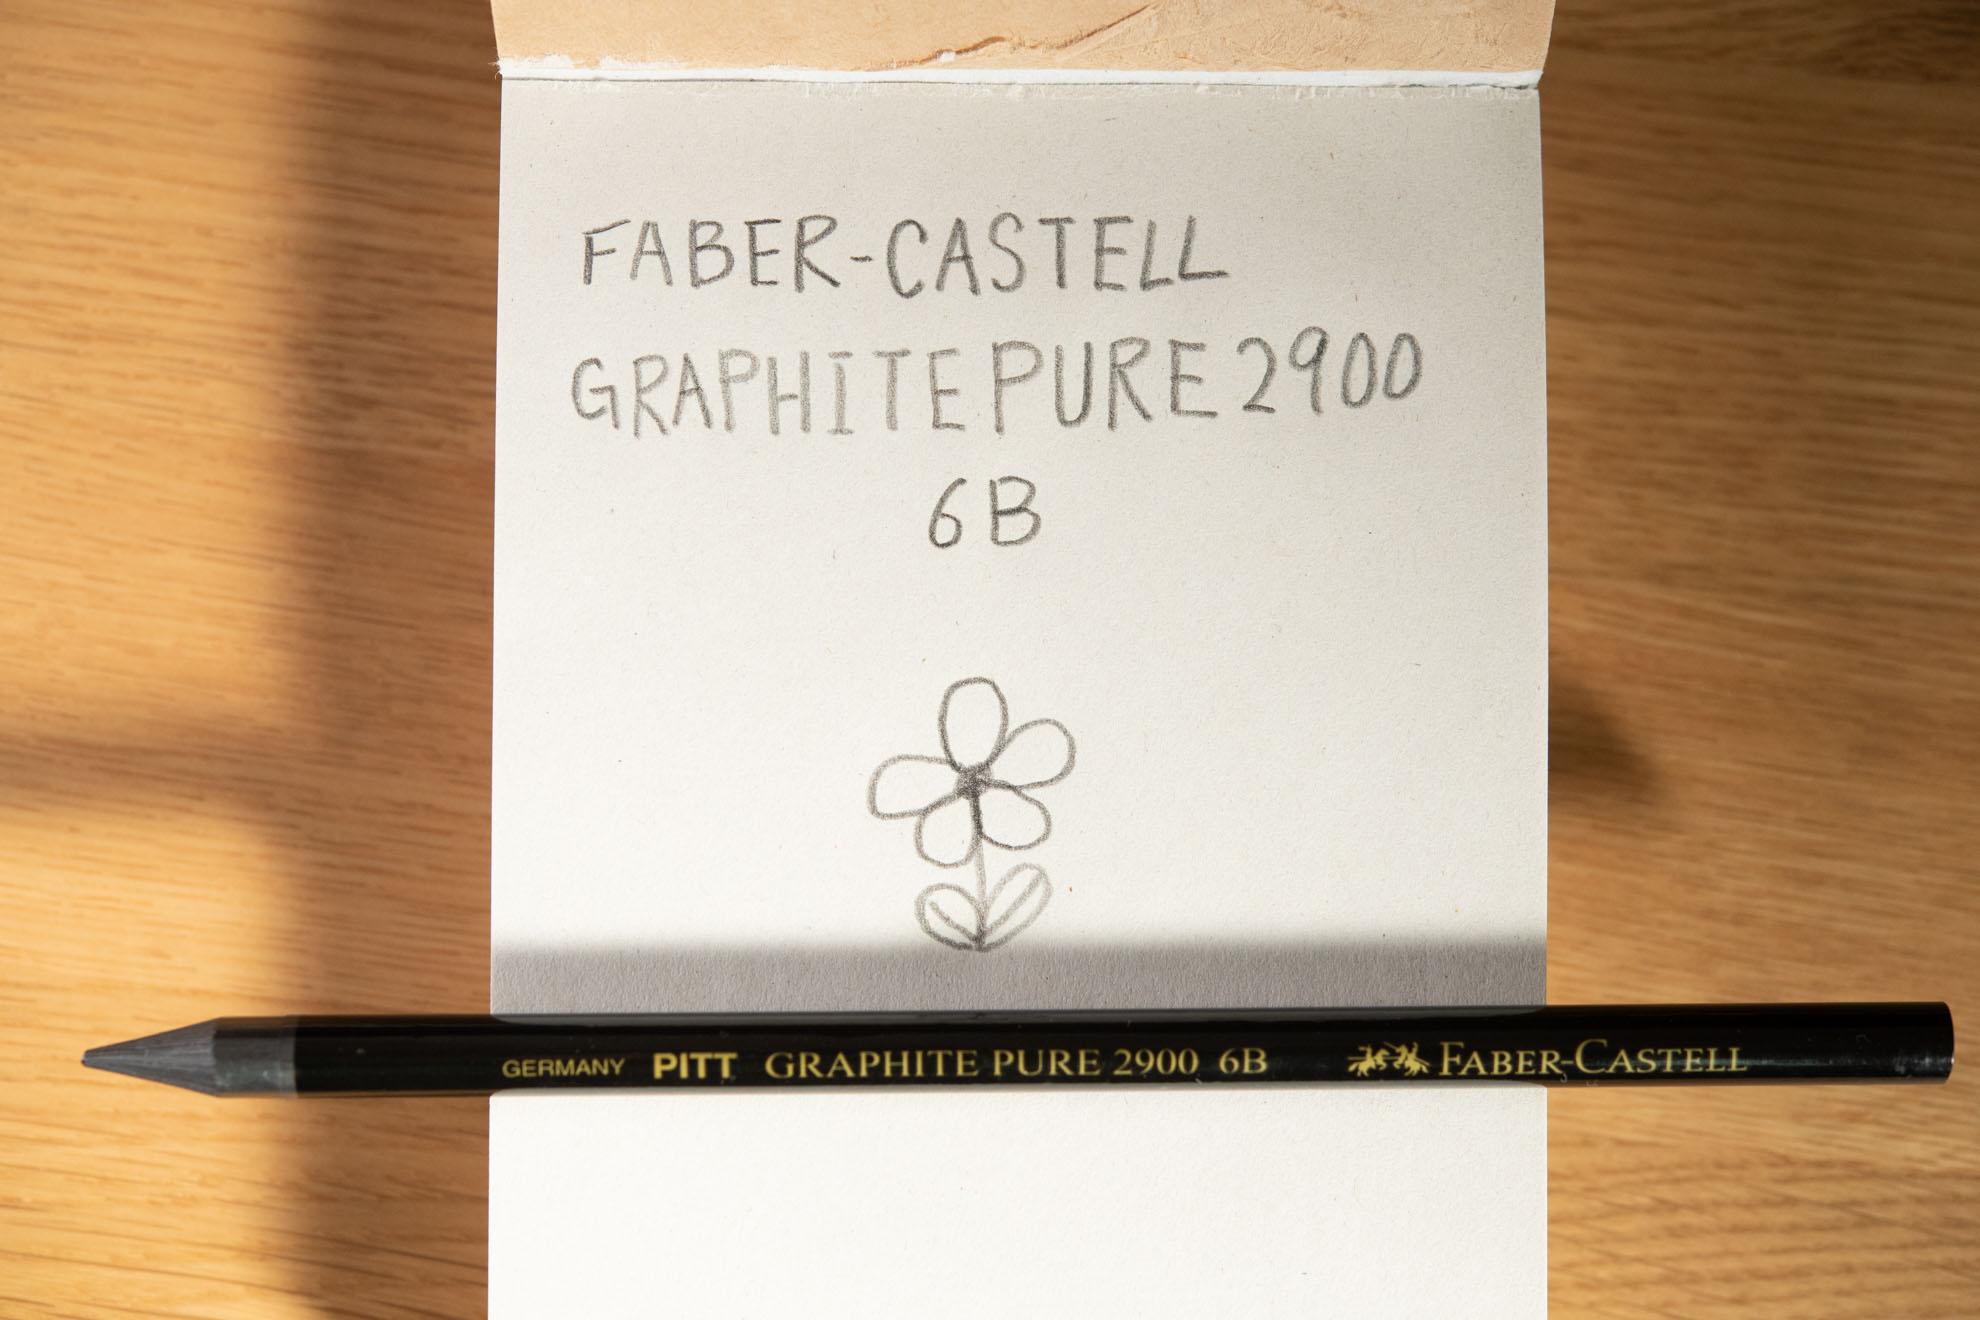 PITTグラファイト鉛筆6B(Faber-Castell)